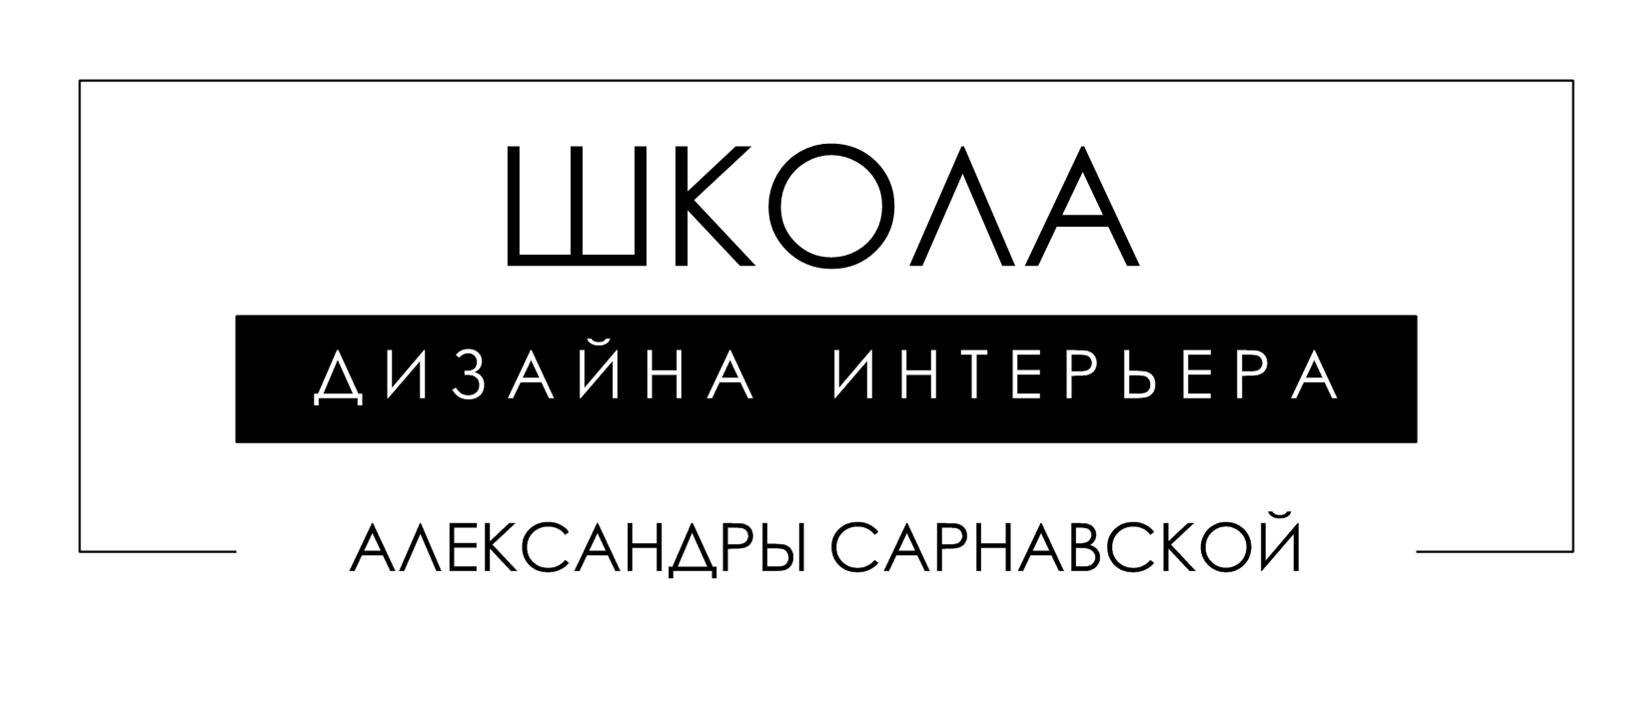 Школа дизайна интерьера хабаровск